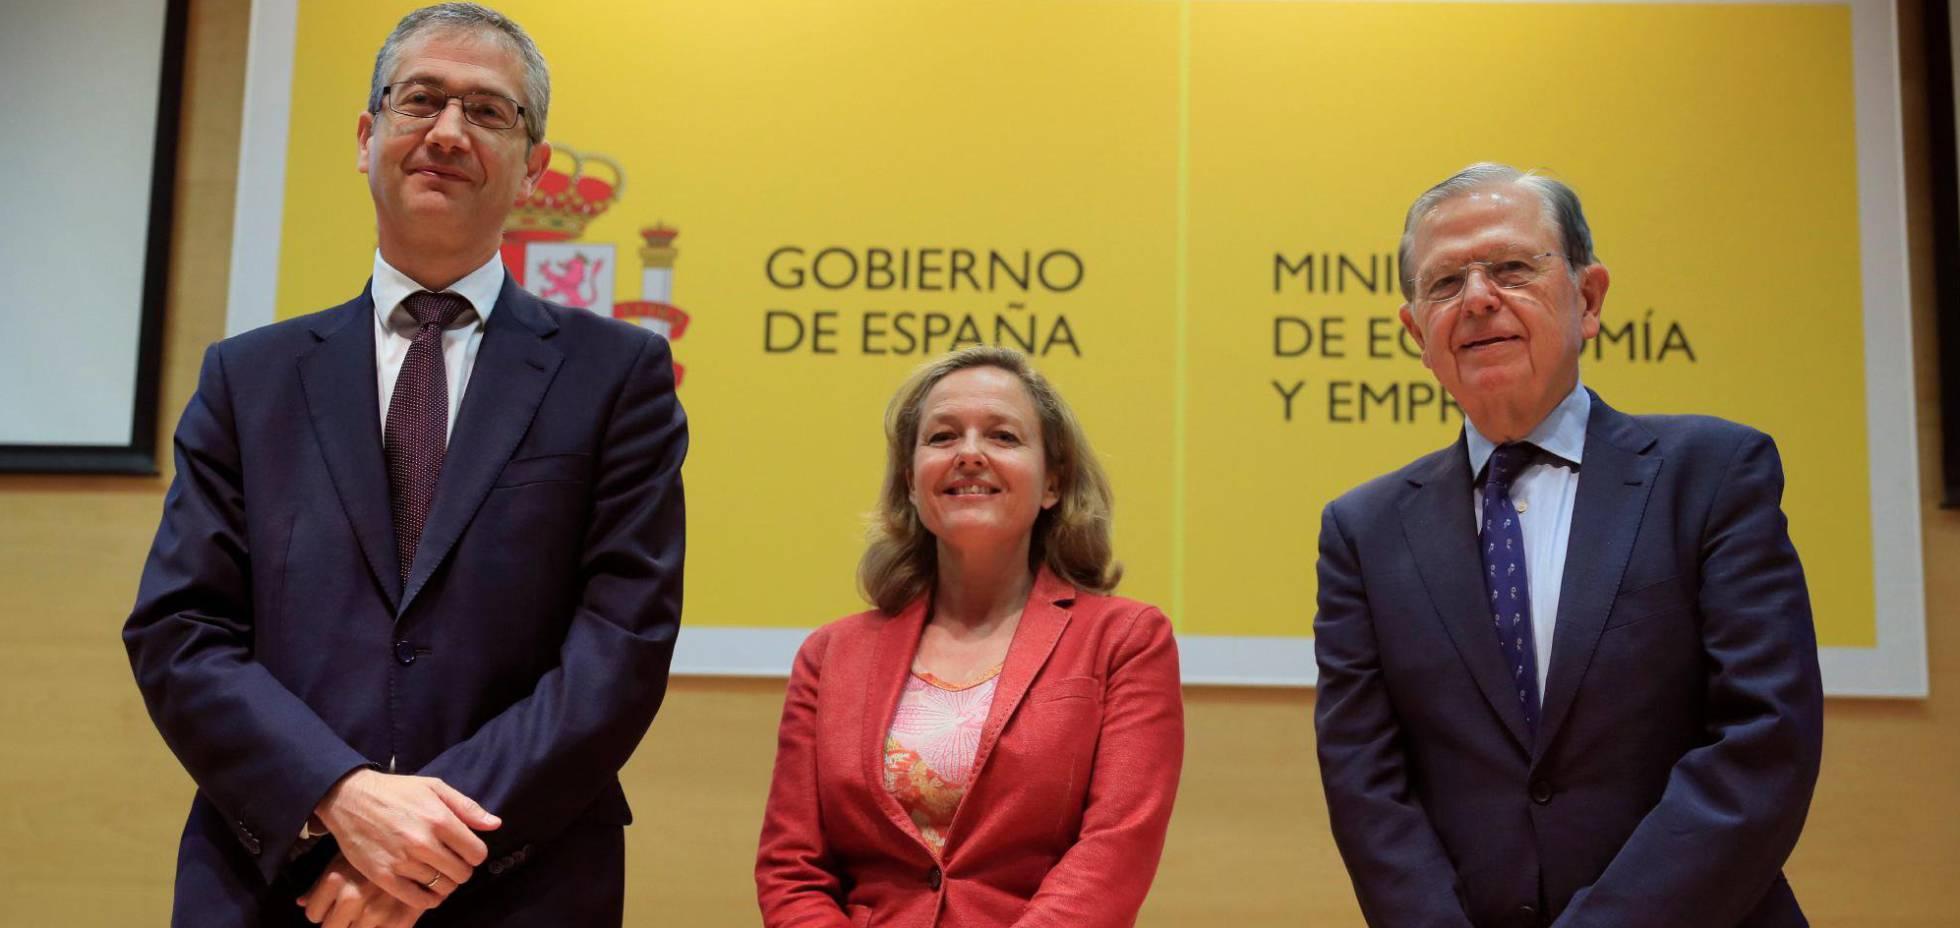 Pablo Hernández de Cos, Nadia Calviño y  José Luis Malo de Molina